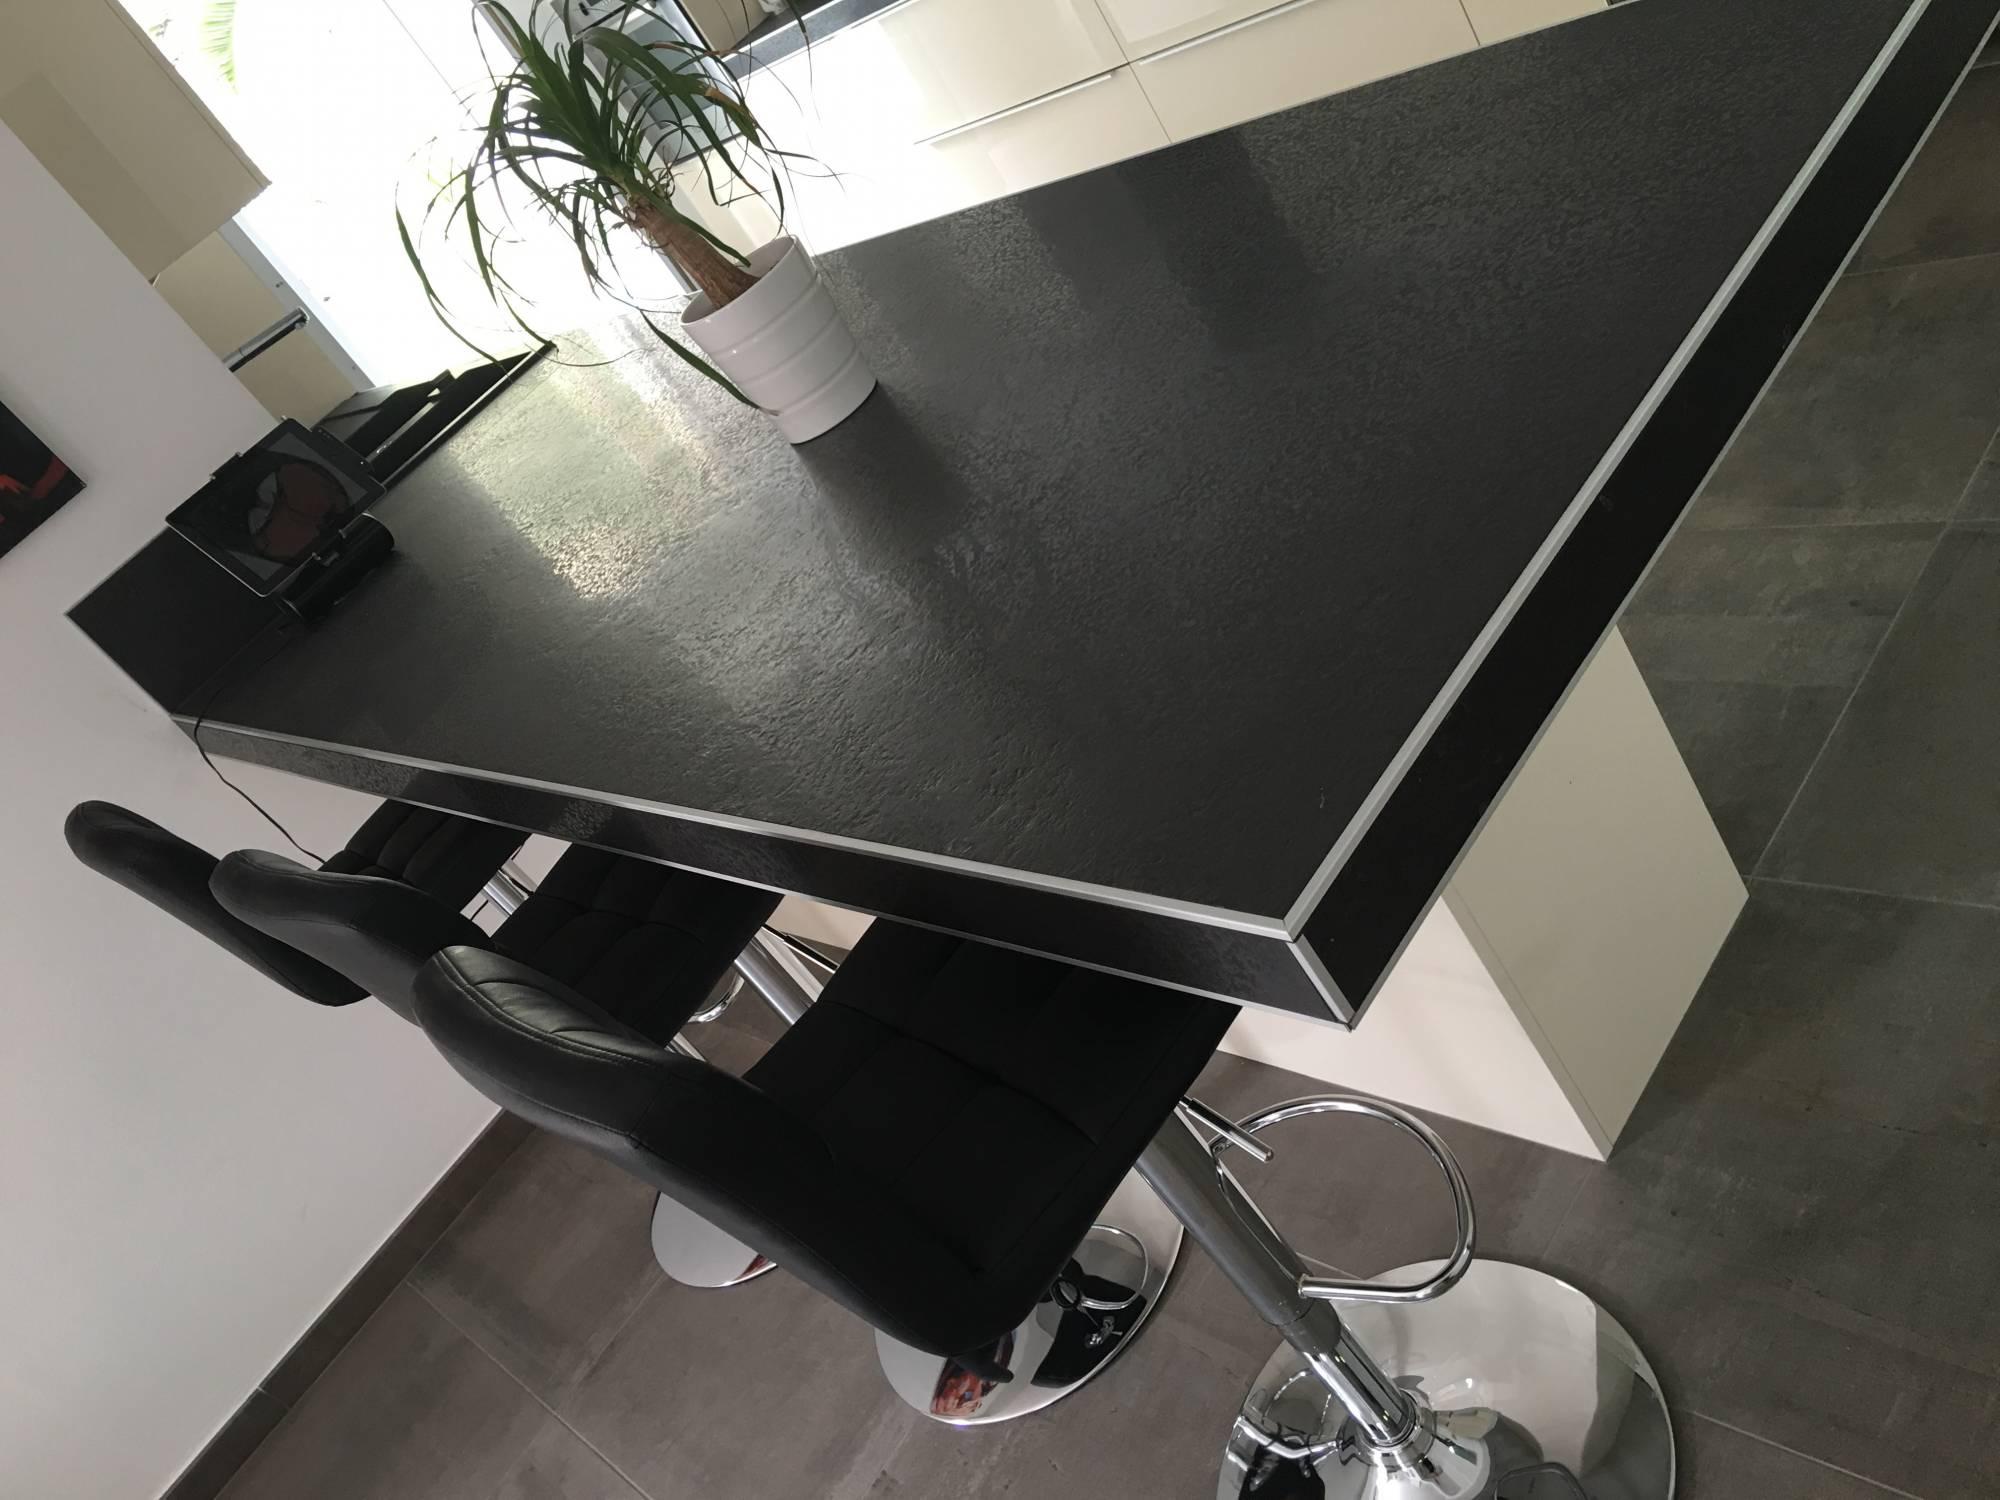 carrelage plan de travail cuisine 60x60 best peinture pour carrelage plan de travail cuisine. Black Bedroom Furniture Sets. Home Design Ideas